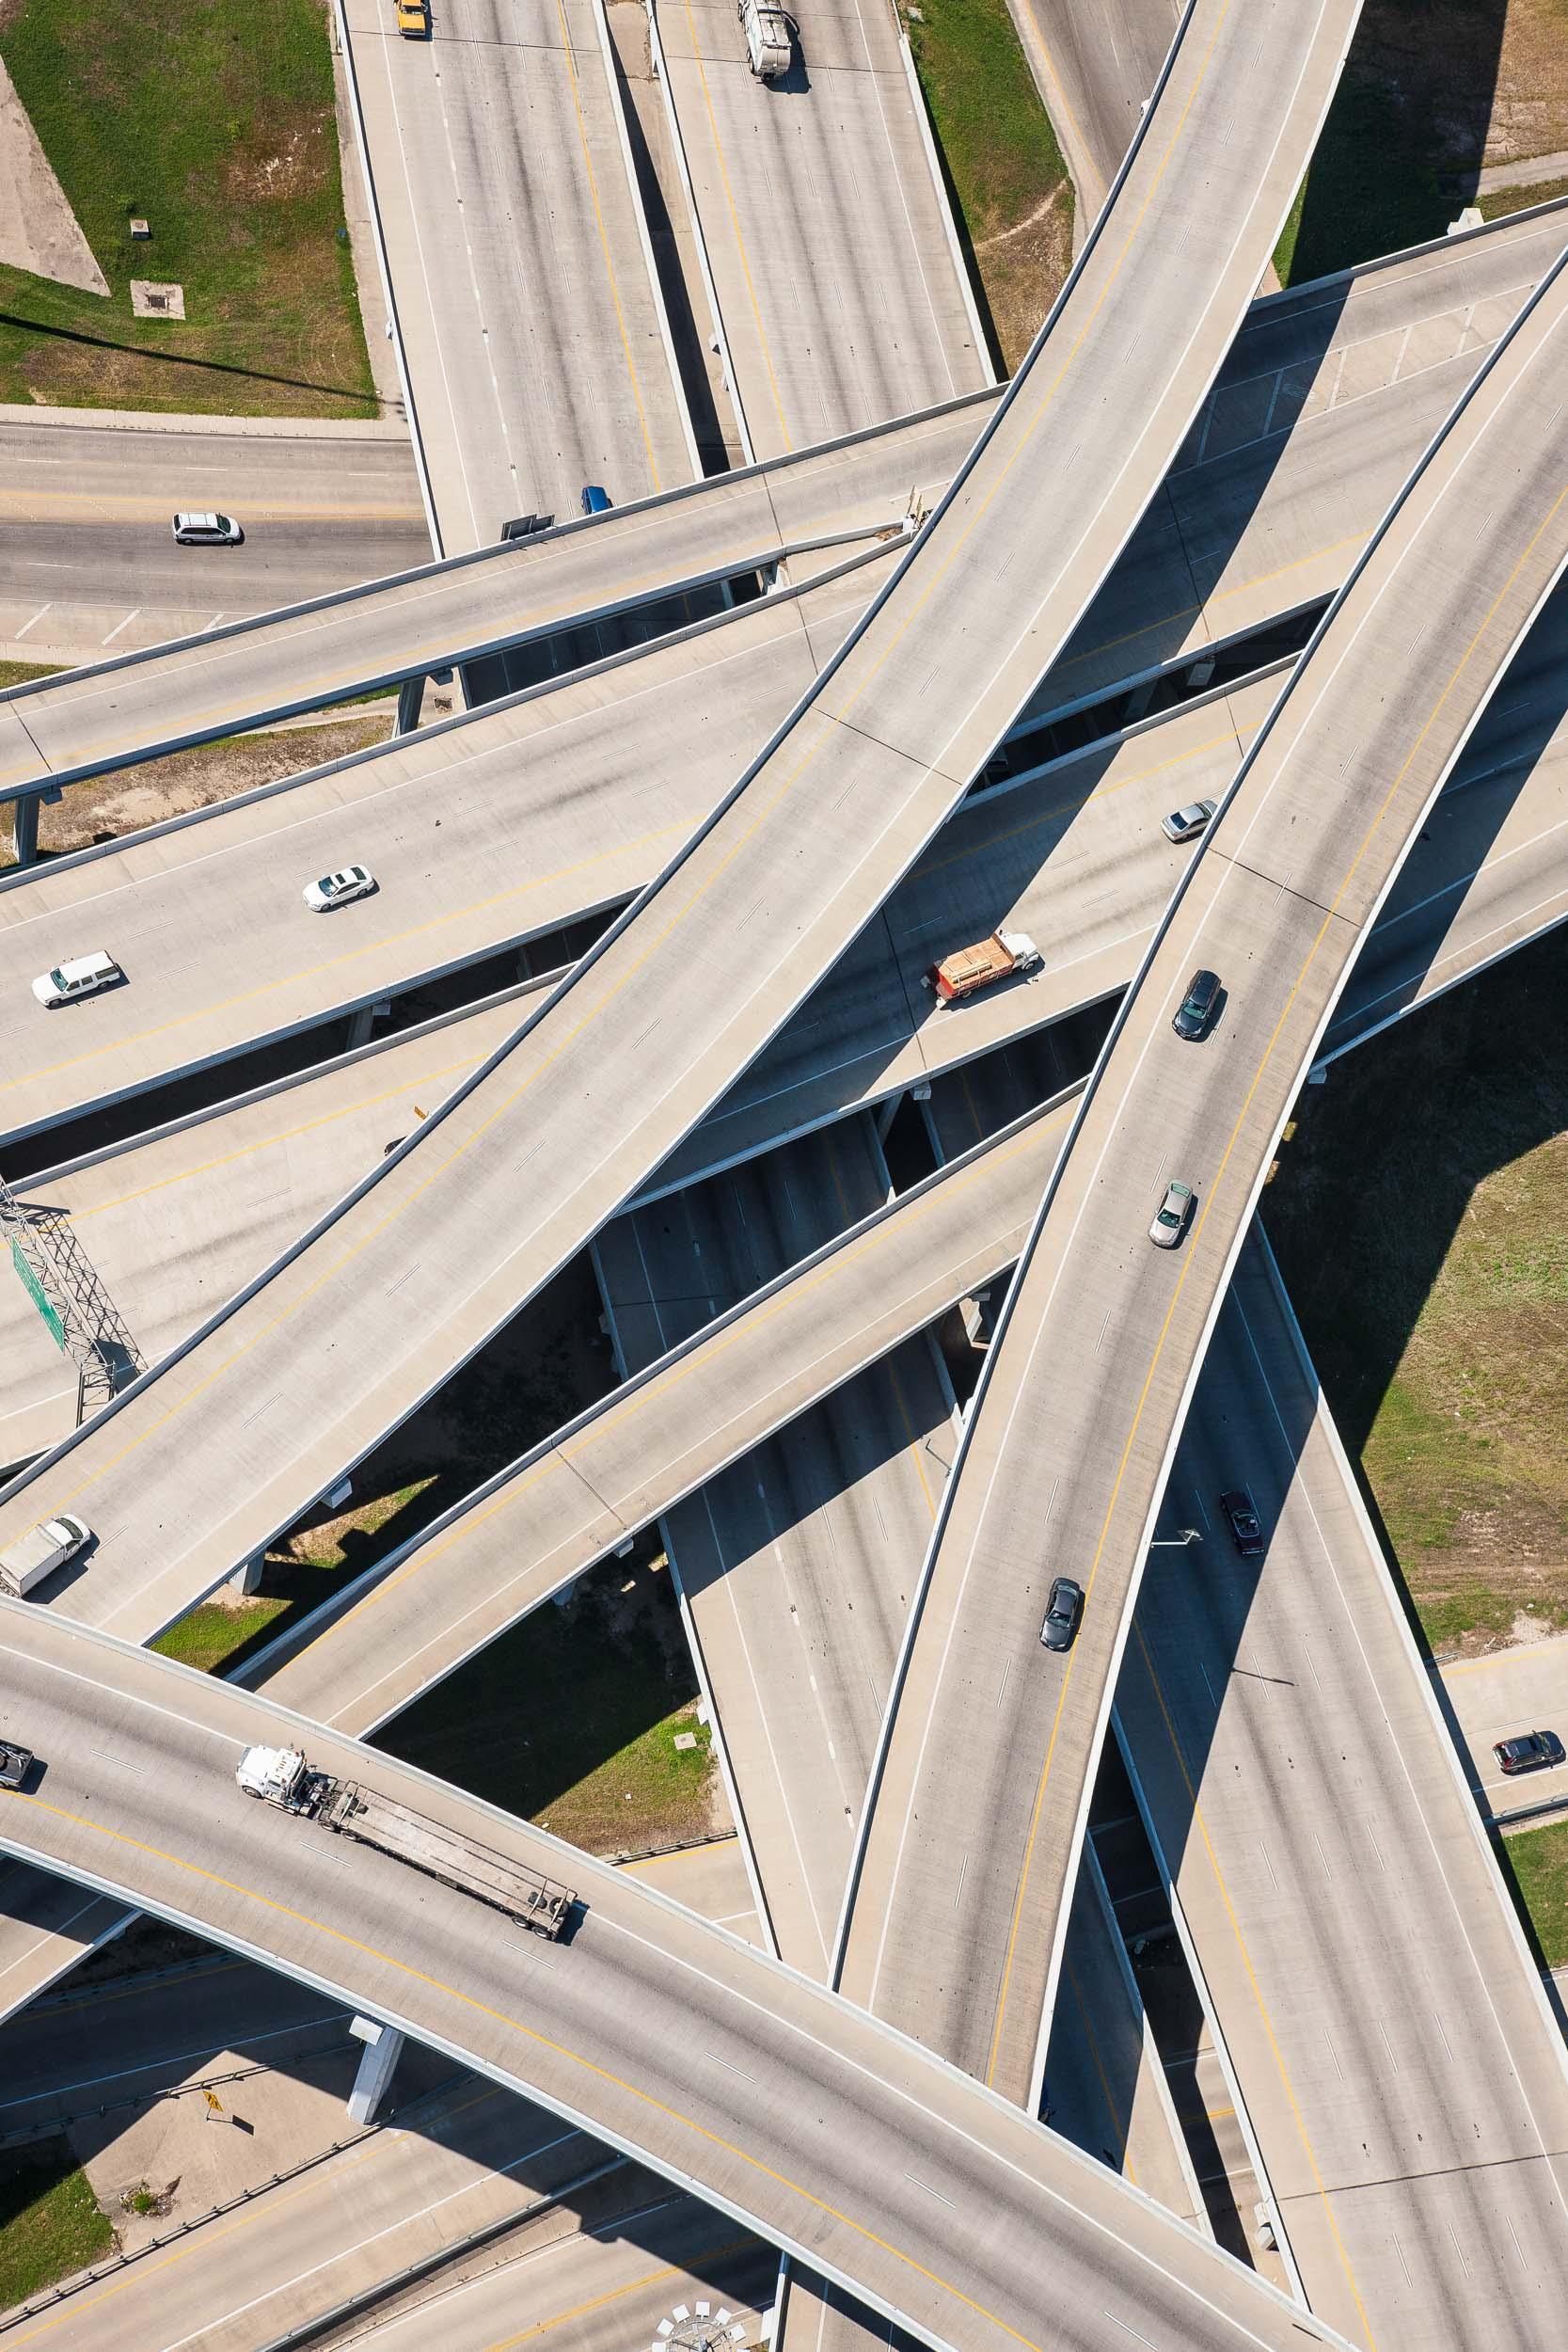 Aerial interchange in Fort Worth, TX